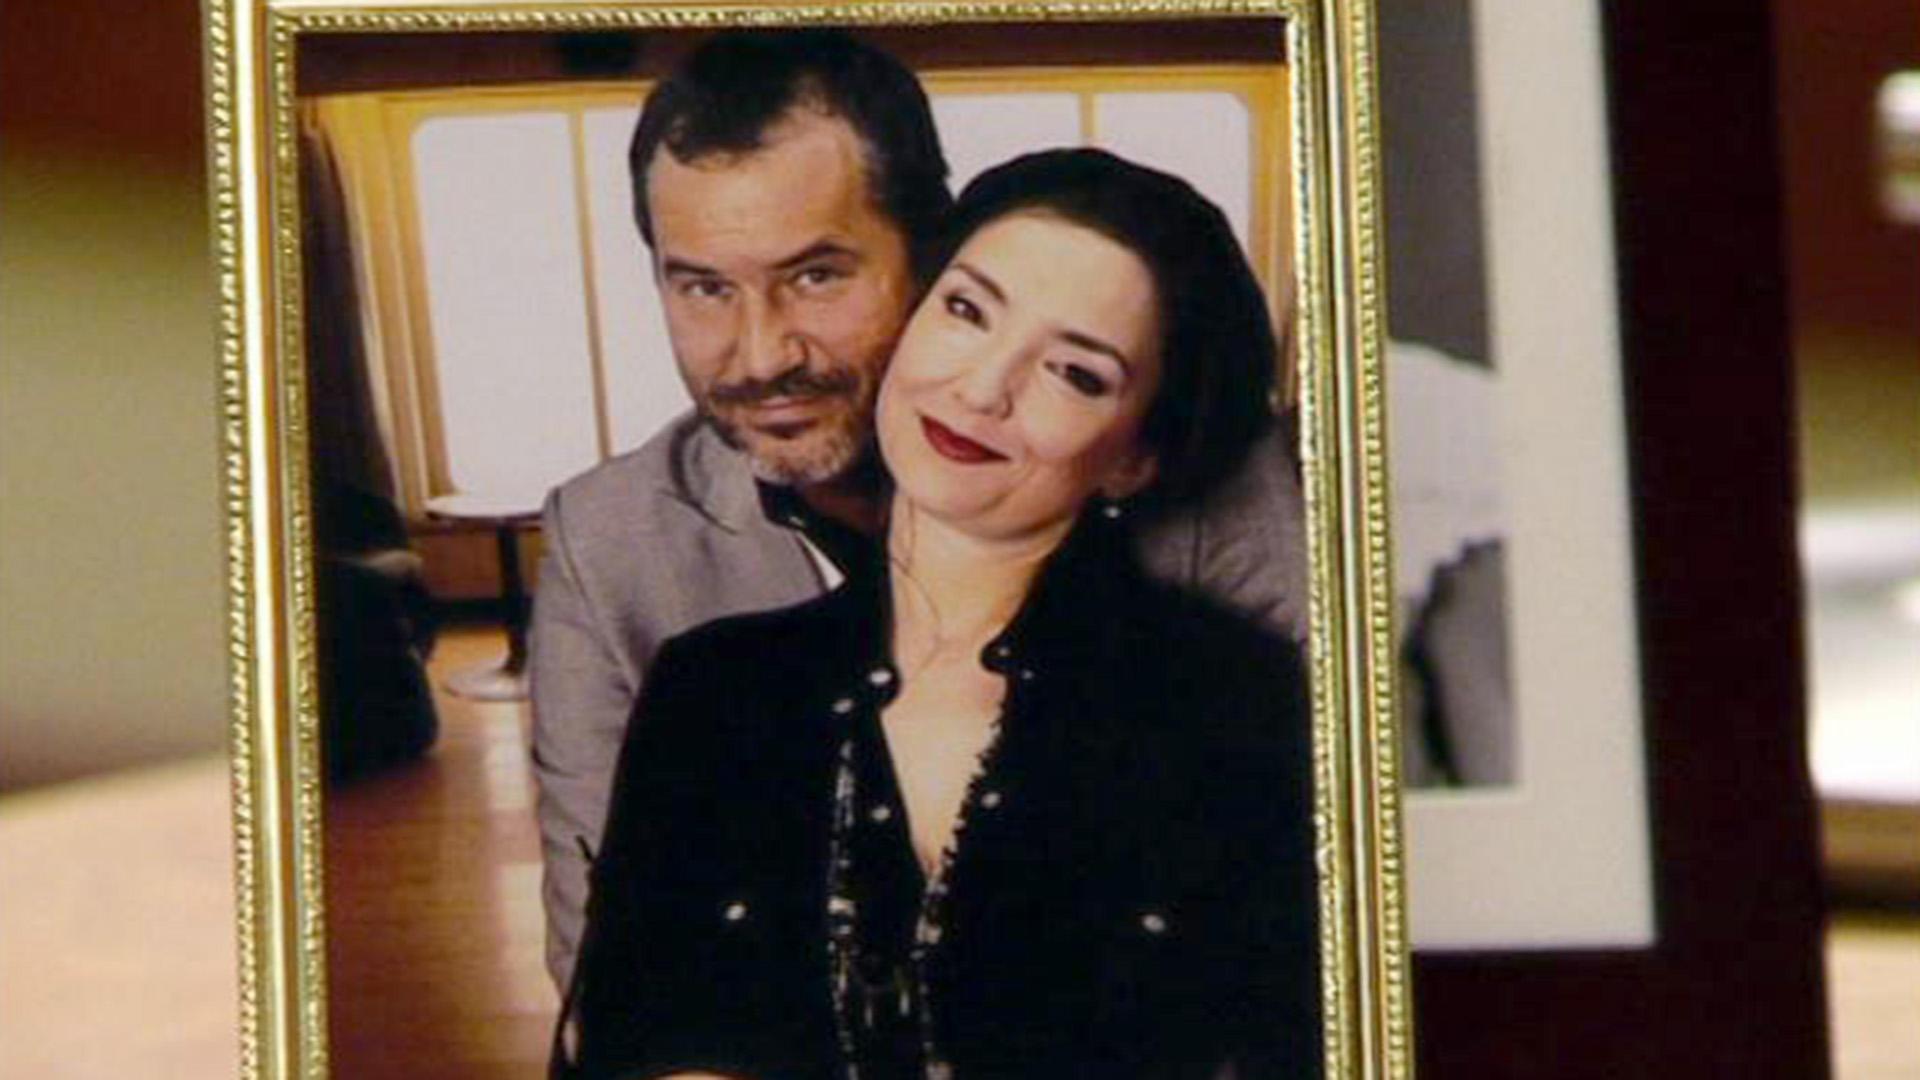 Richard möchte sich von Simone scheiden lassen | Folge 354